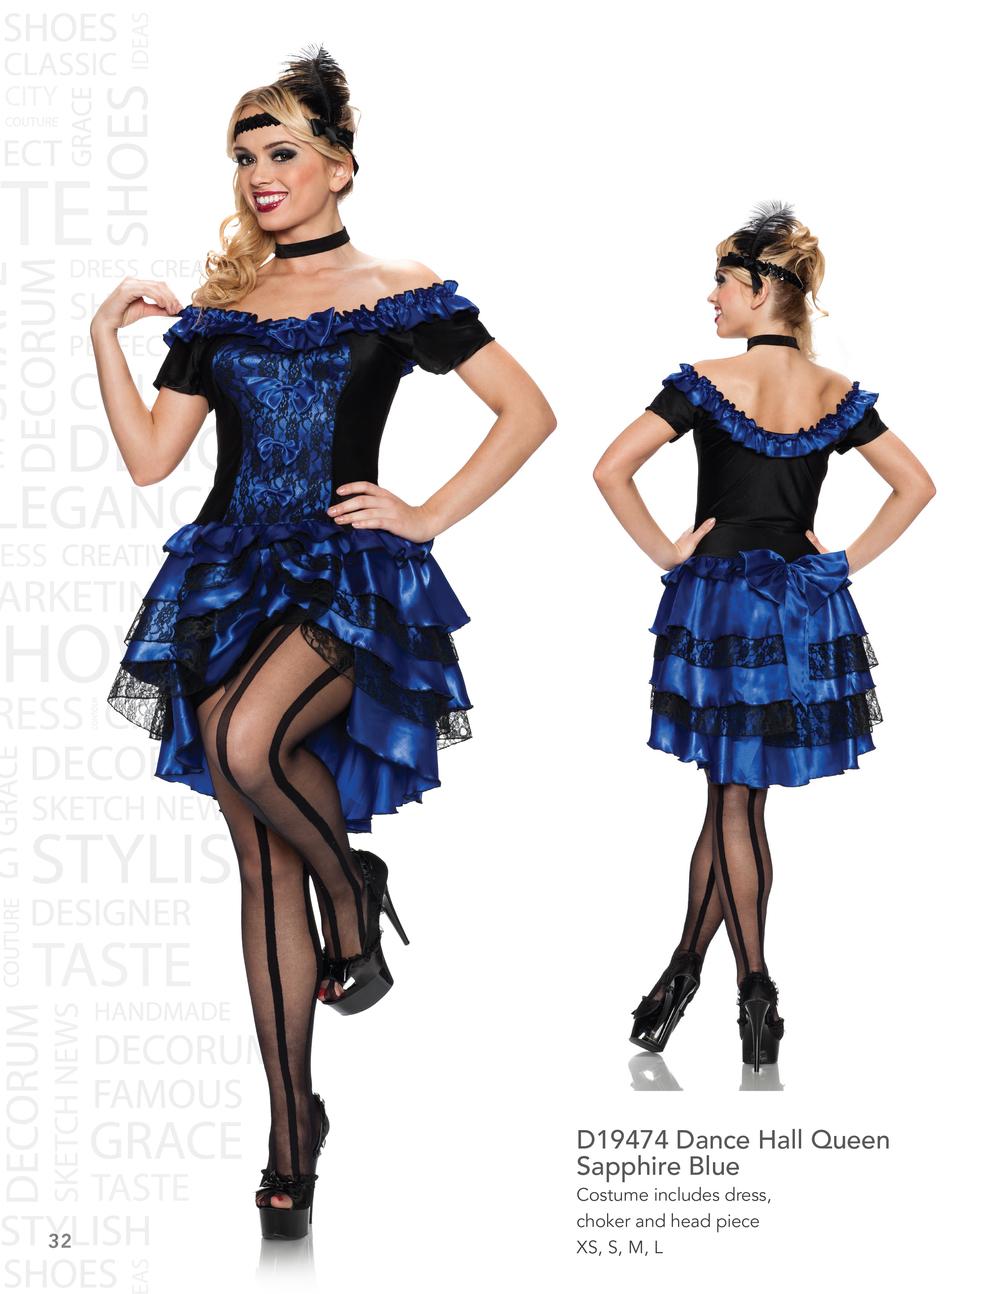 D19474 Dance Hall Queen - Sapphire Blue